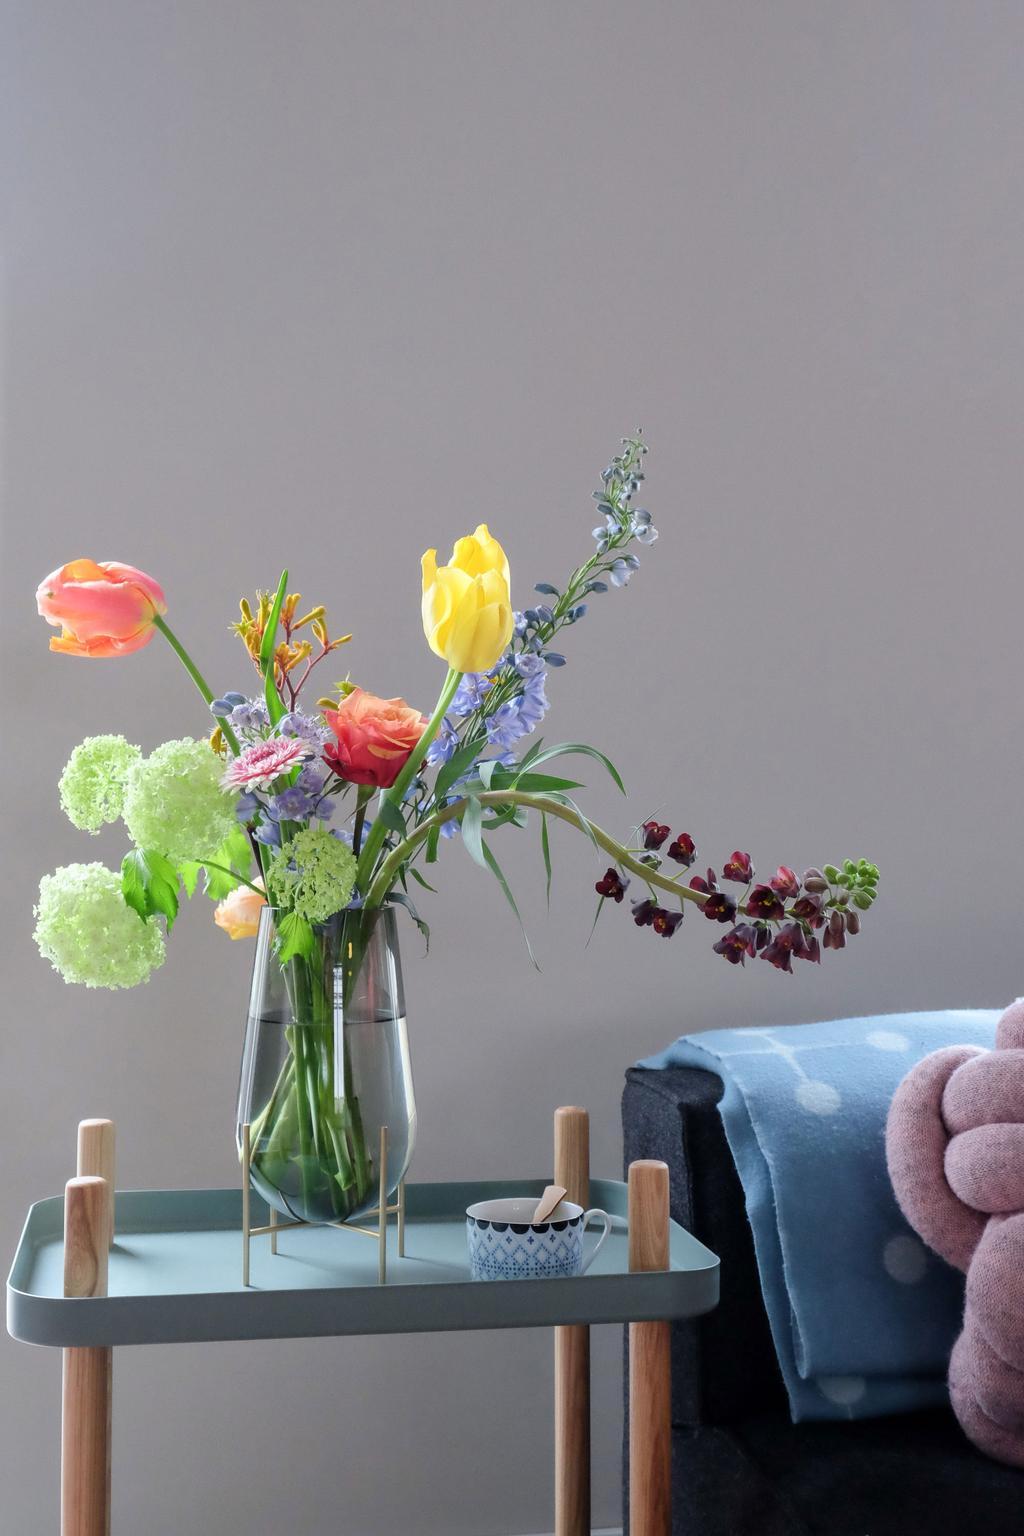 Glazen Échasse vaas op pootjes van Menu uit de collectie designvazen van PRCHTG